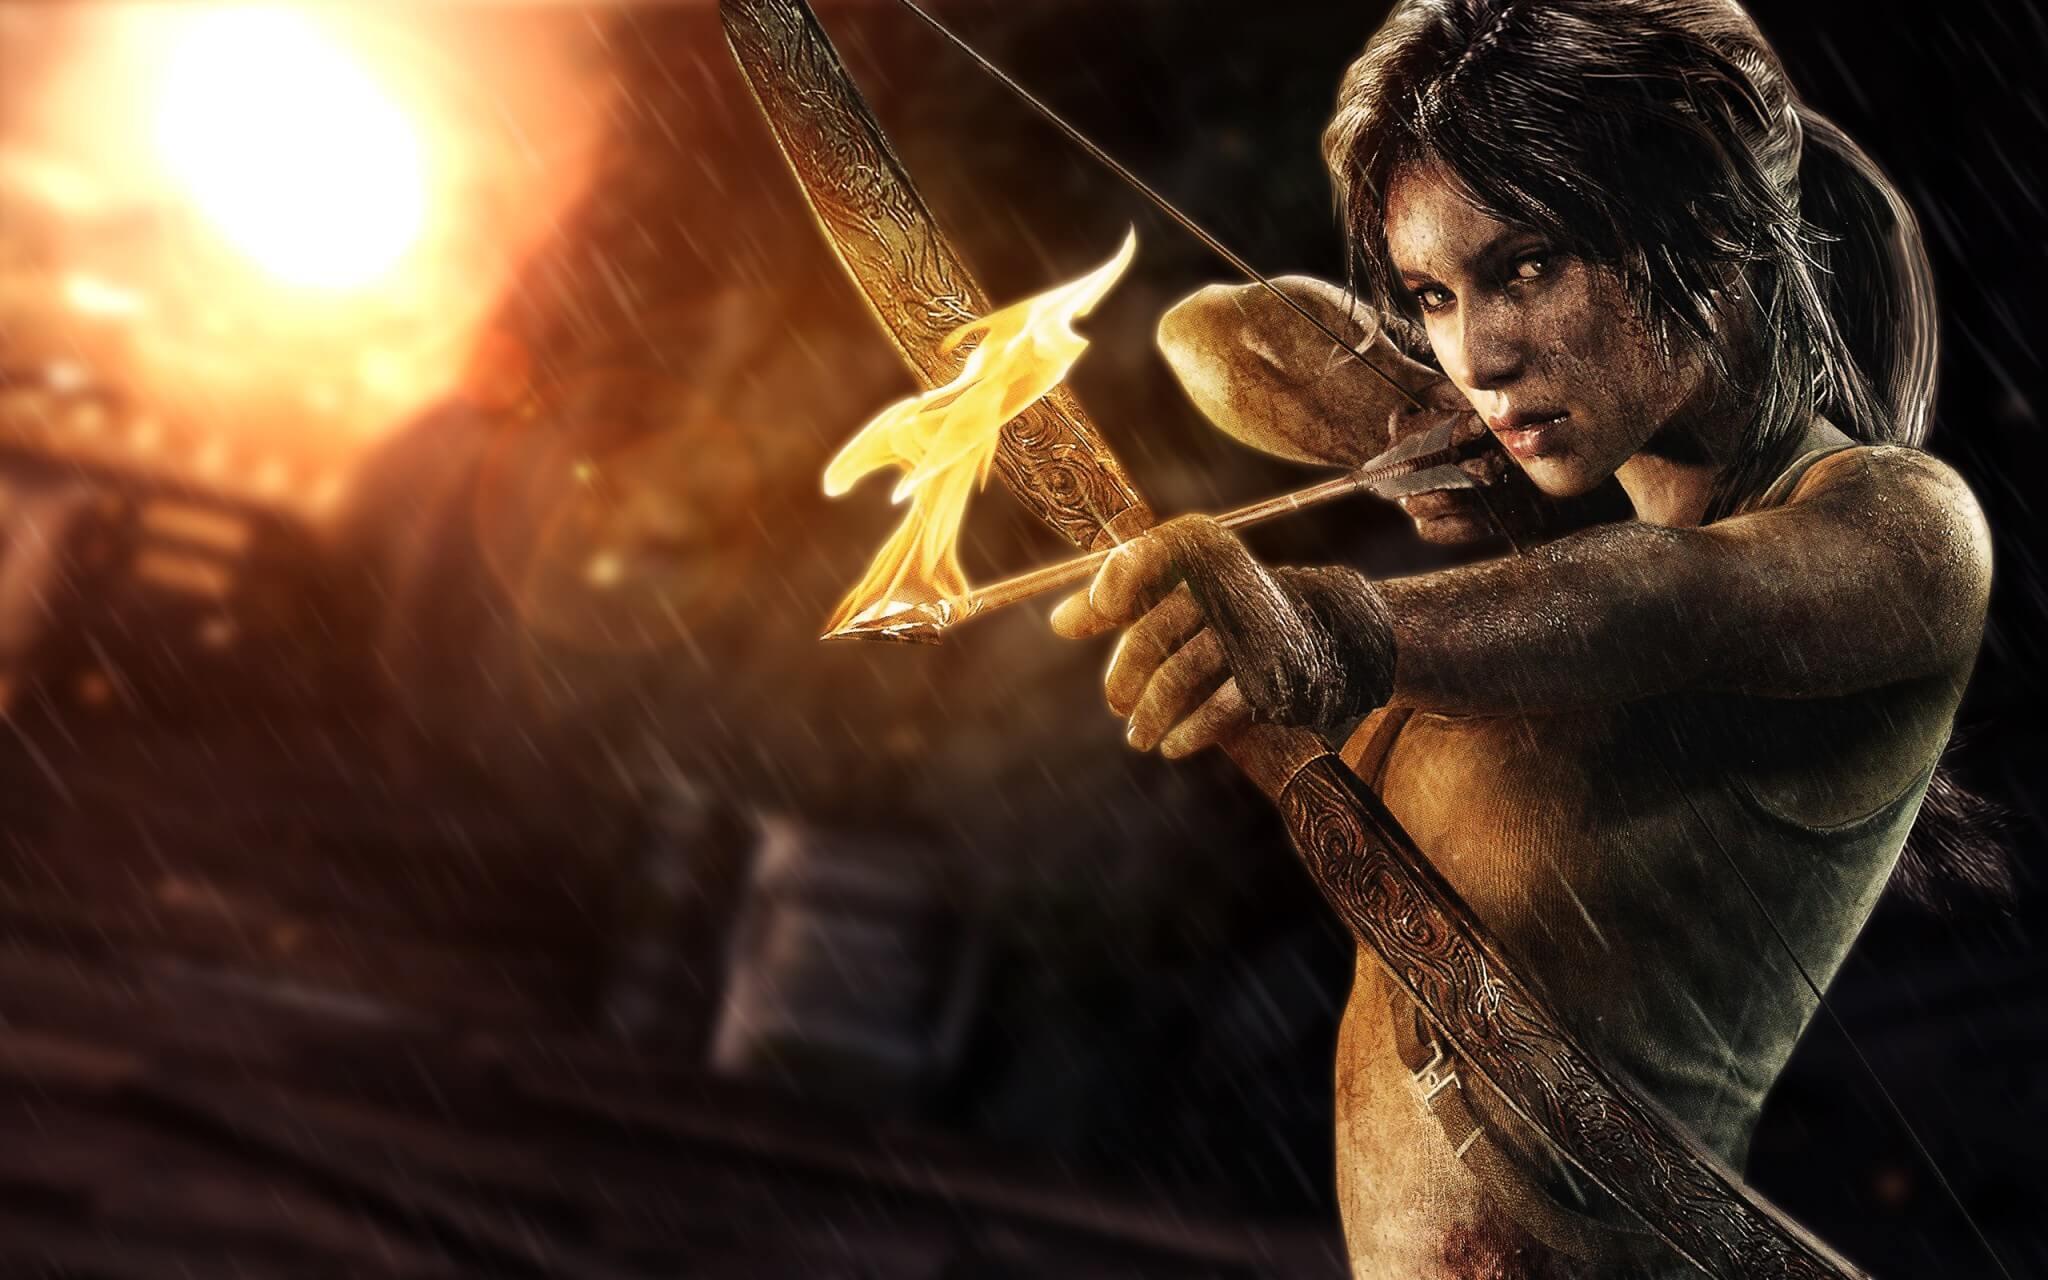 Beziehungsstatus unbekannt, aber im Mac App Store ist Lara Croft solo unterwegs: Der ausgezeichnete Tomb Raider-Reboot kommt ohne den Multiplayer der Steam-Version. (Bildrechte: Square Enix/Feral Interactive)